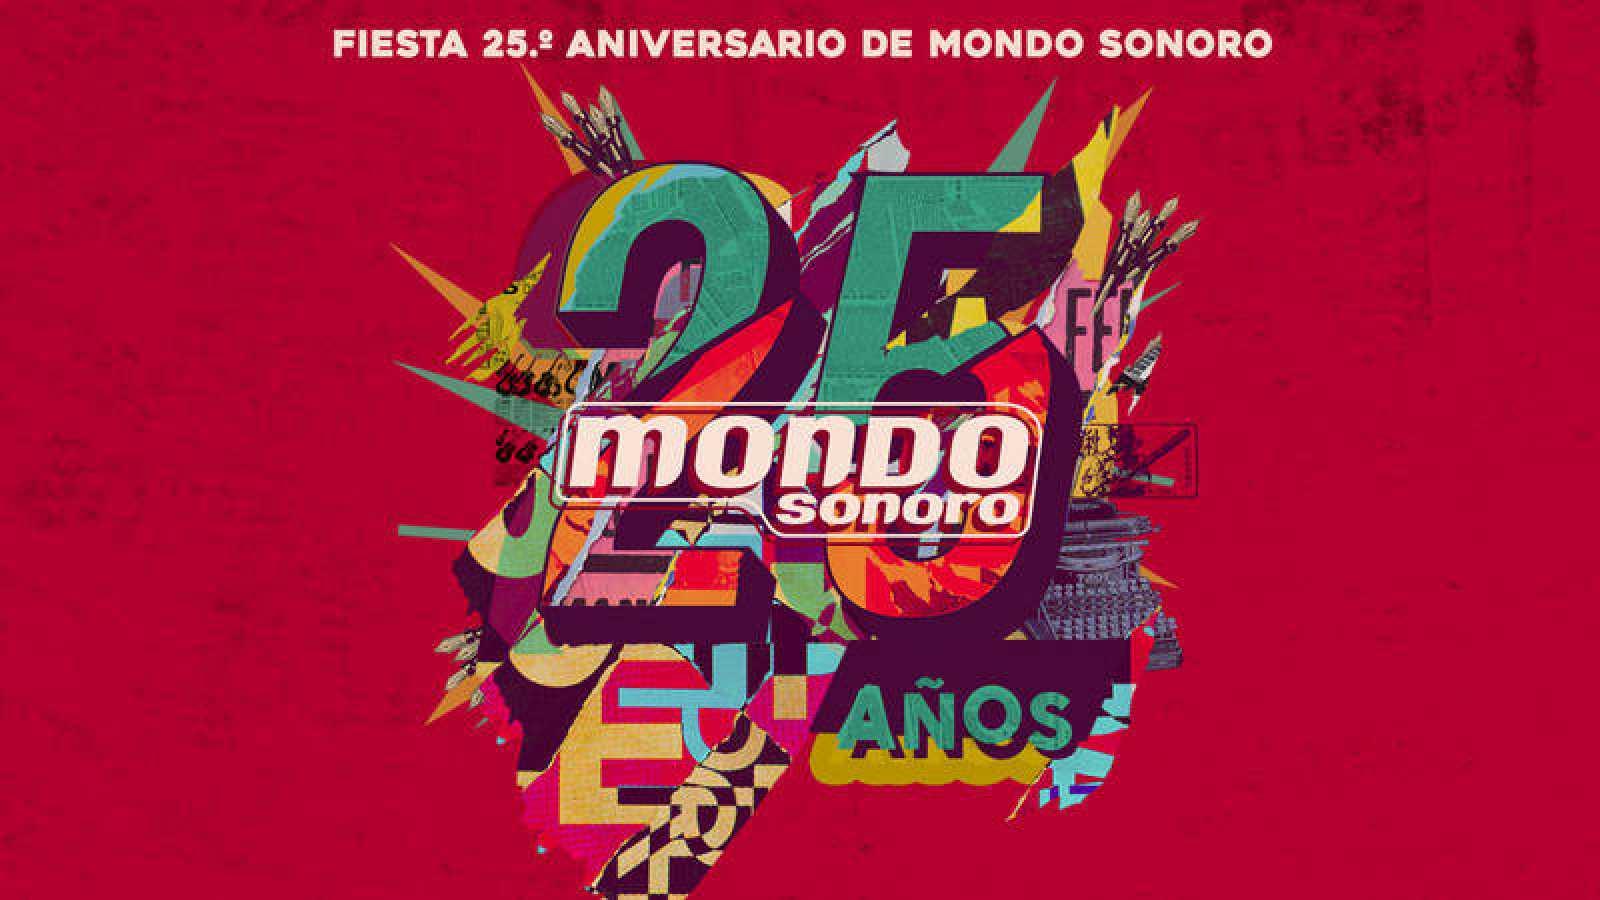 La Fiesta 25.º aniversario de Mondo Sonoro se celebra el 7 de noviembre